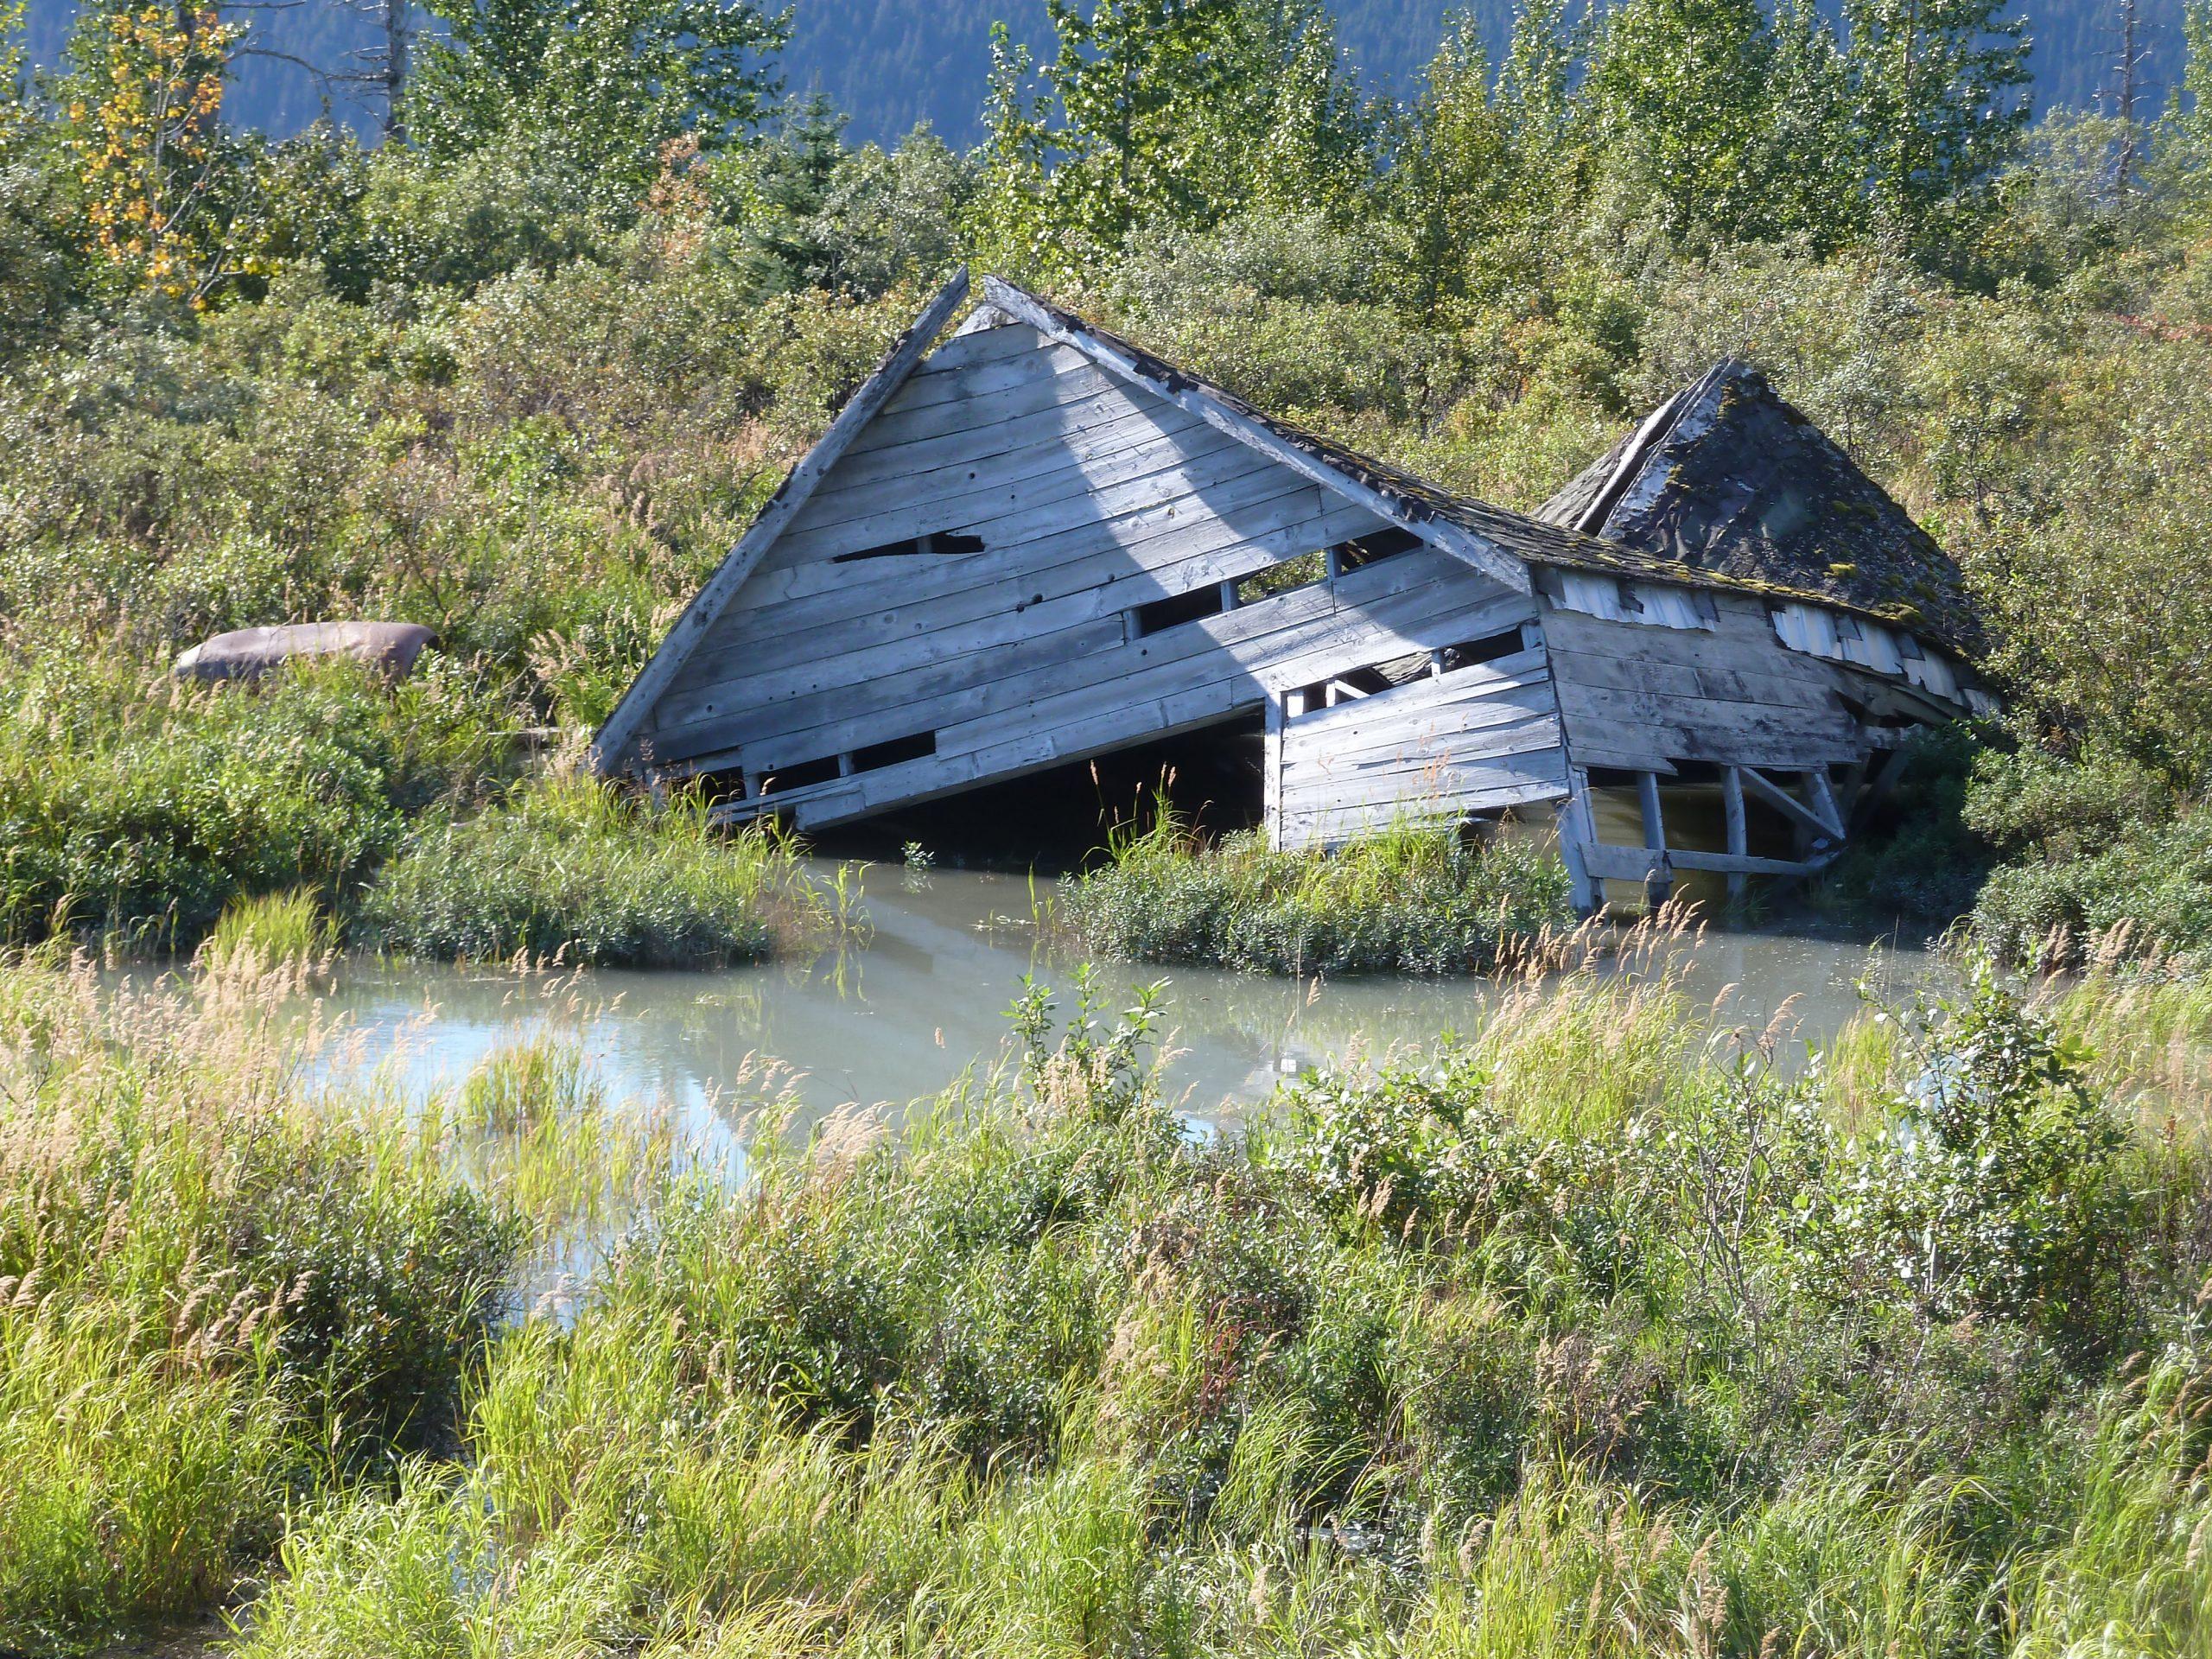 Radreise Alaska 2010 - Klimawandel - Eingesunkenes Auto und Haus